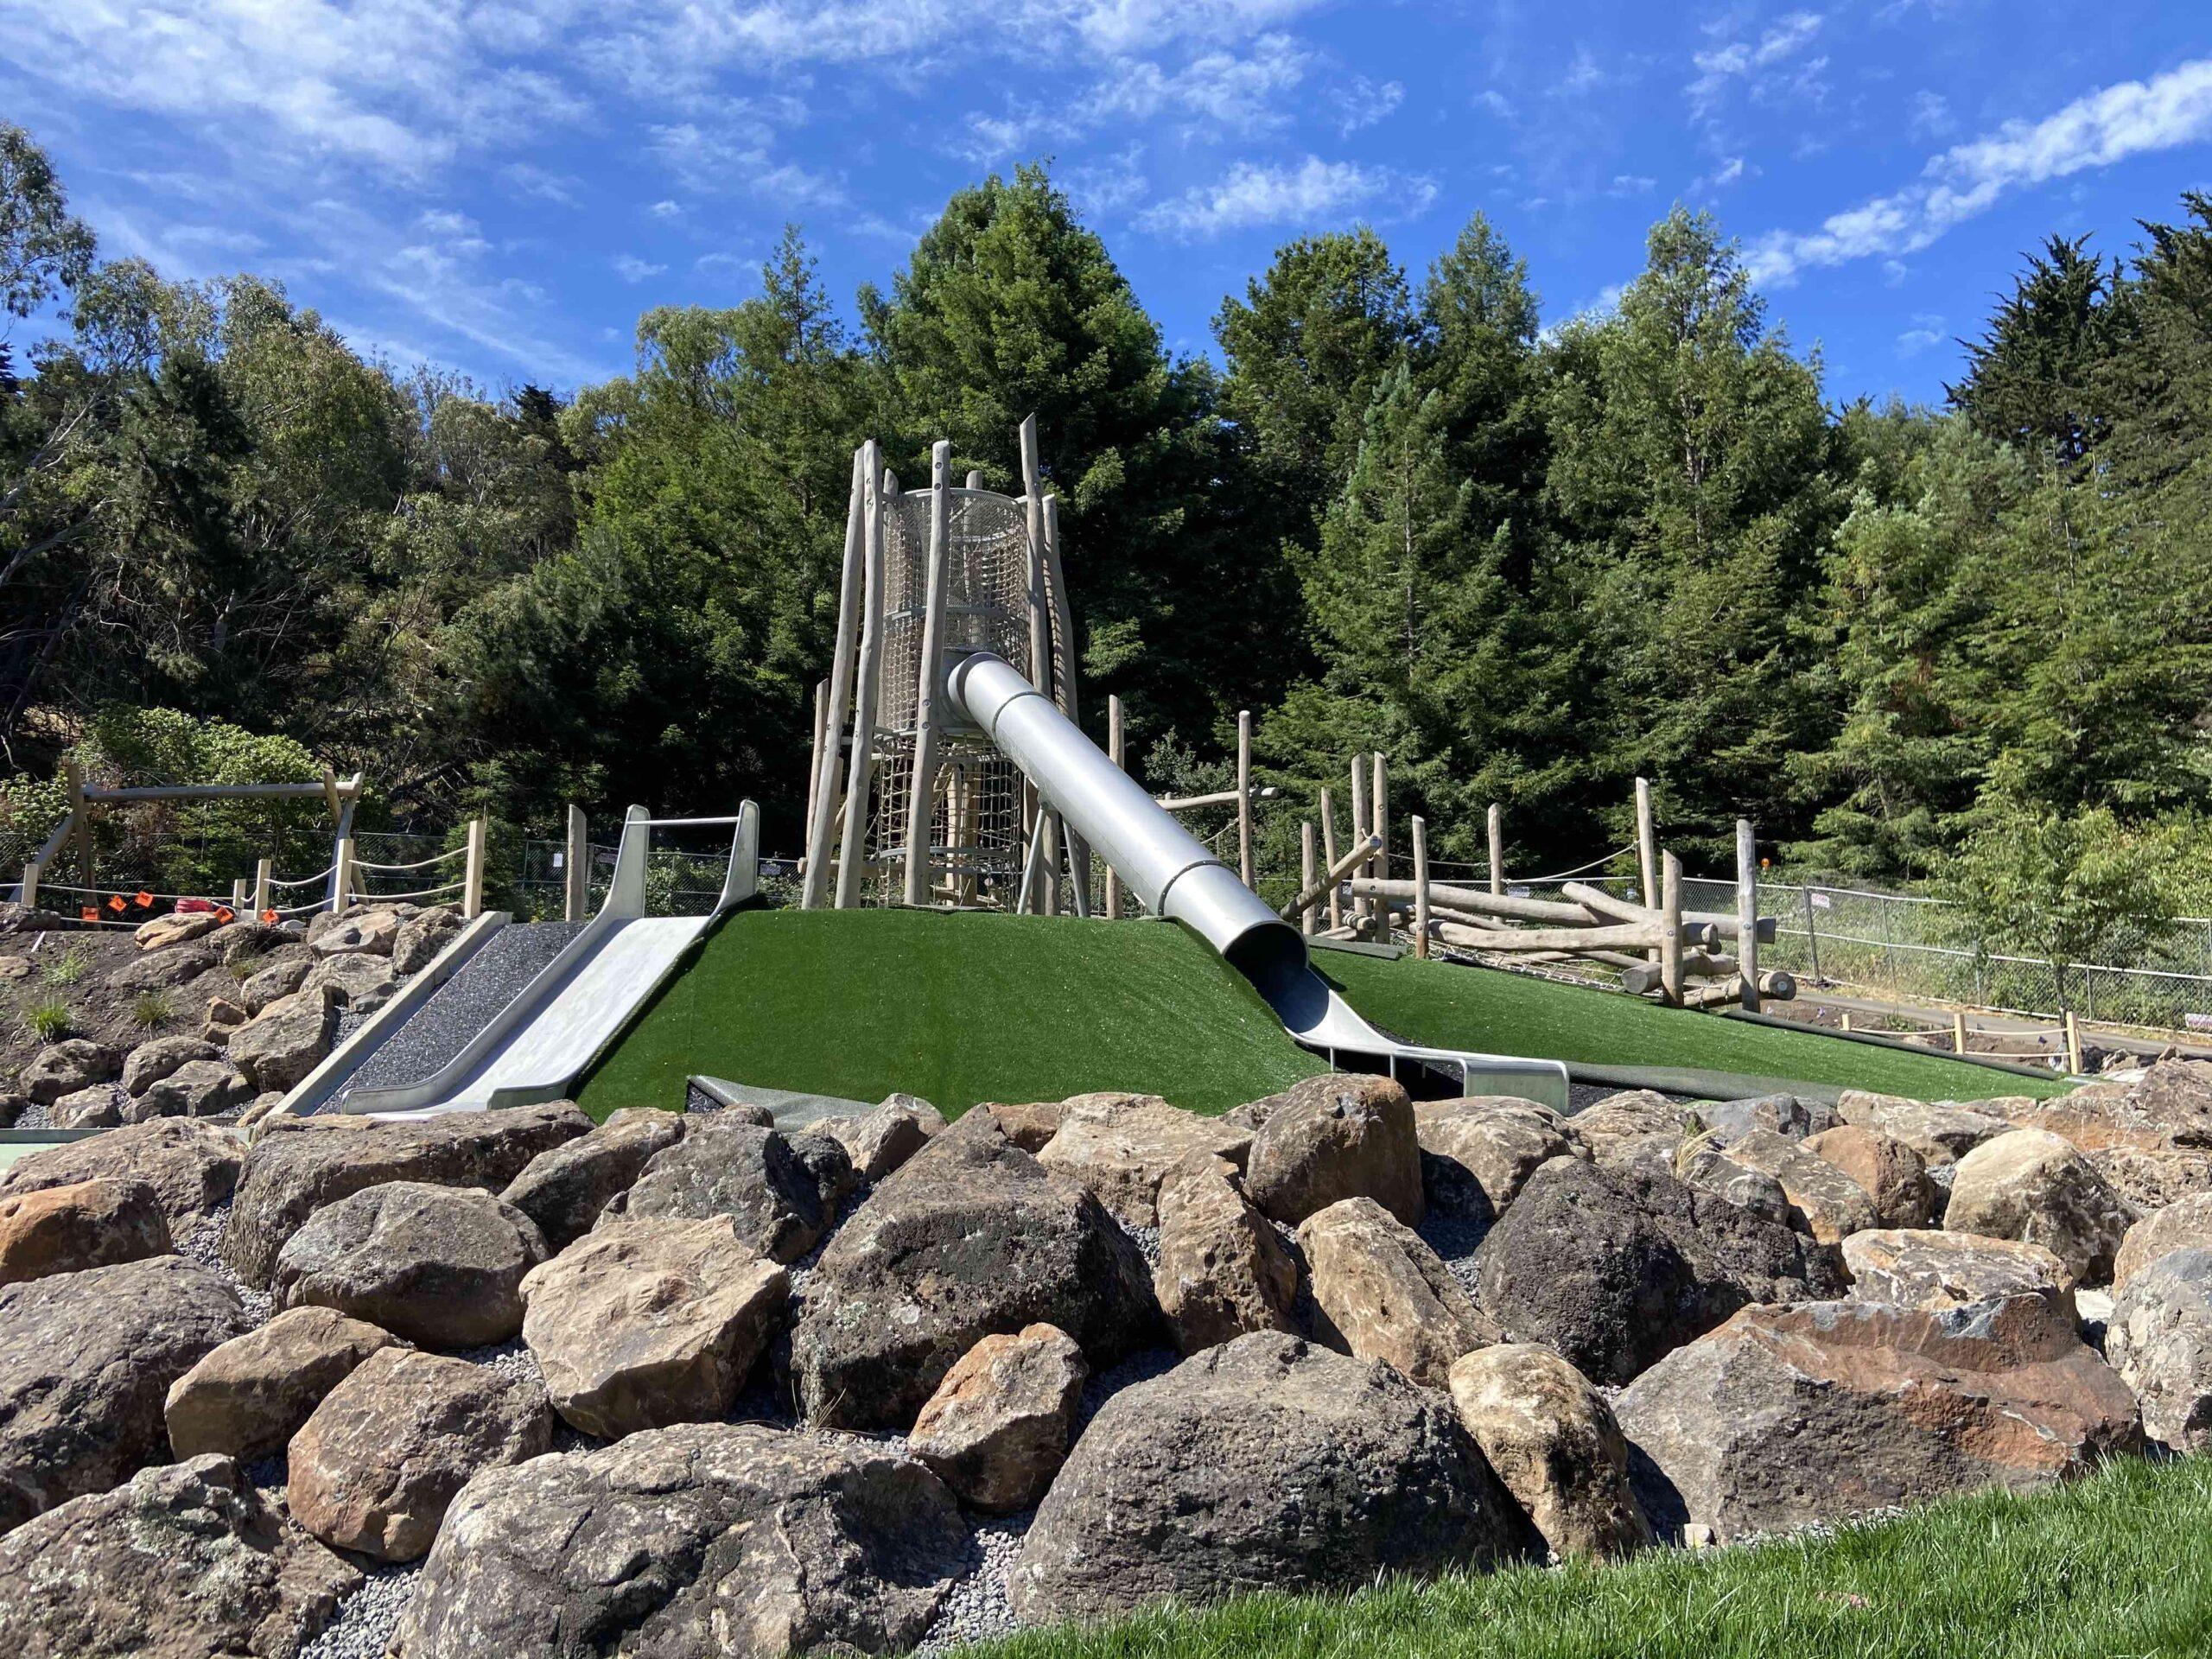 Mclaren playground